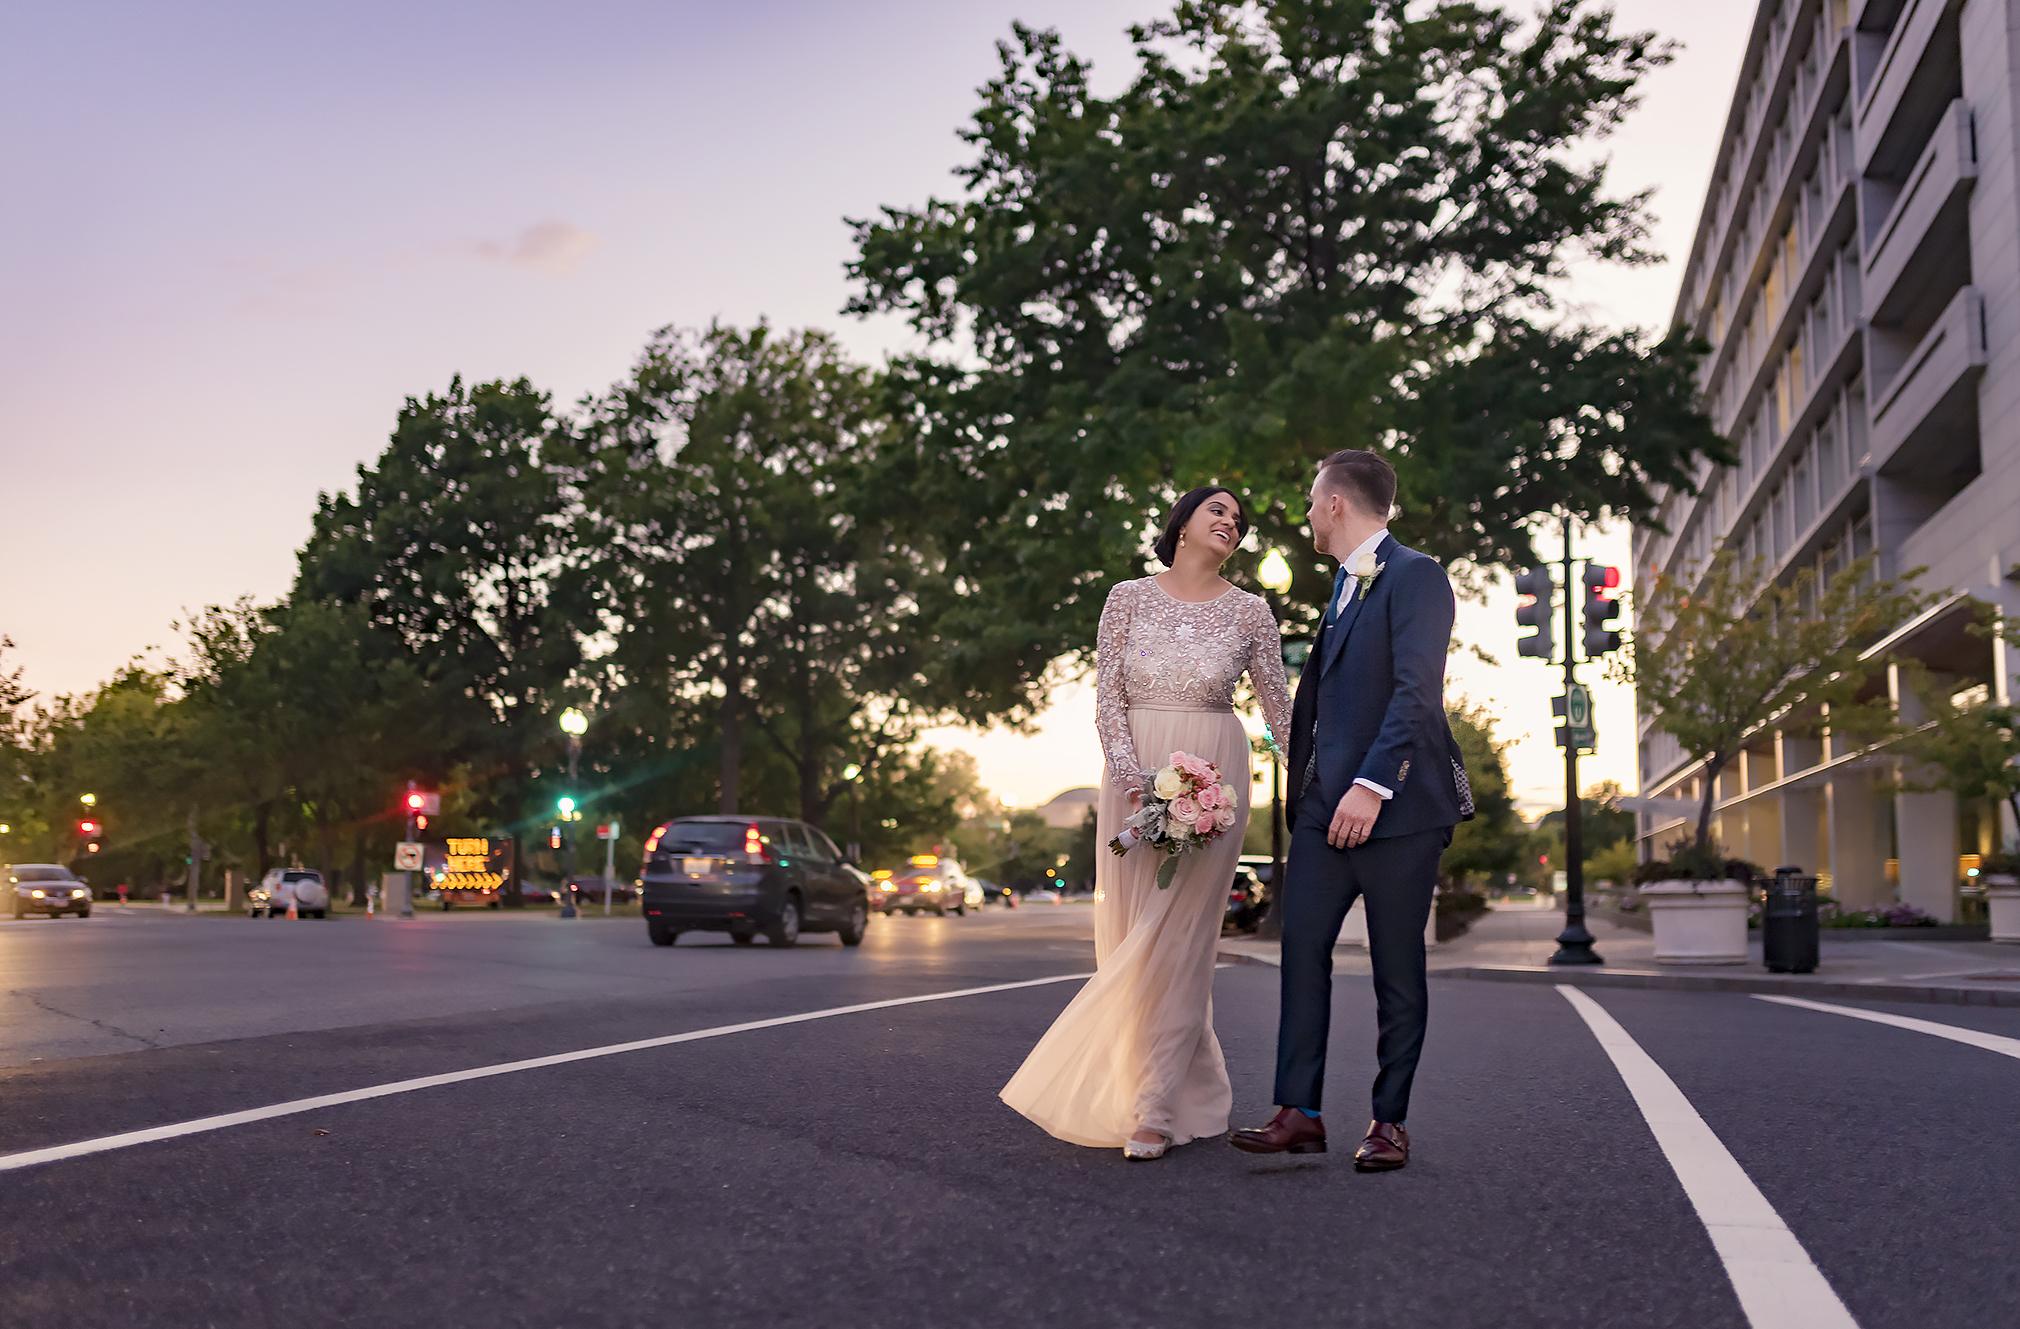 Washington DC Urban Wedding Photo at night